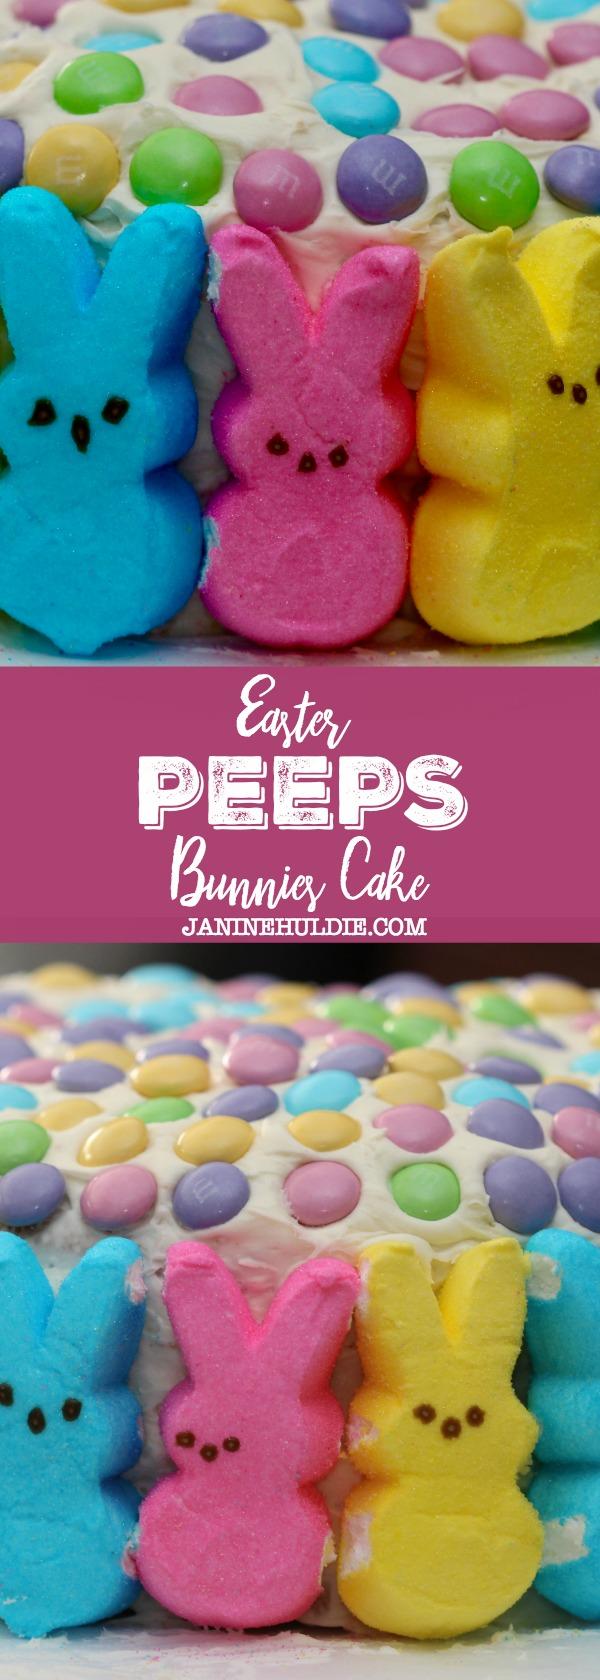 Easter Peeps Bunnies Cake